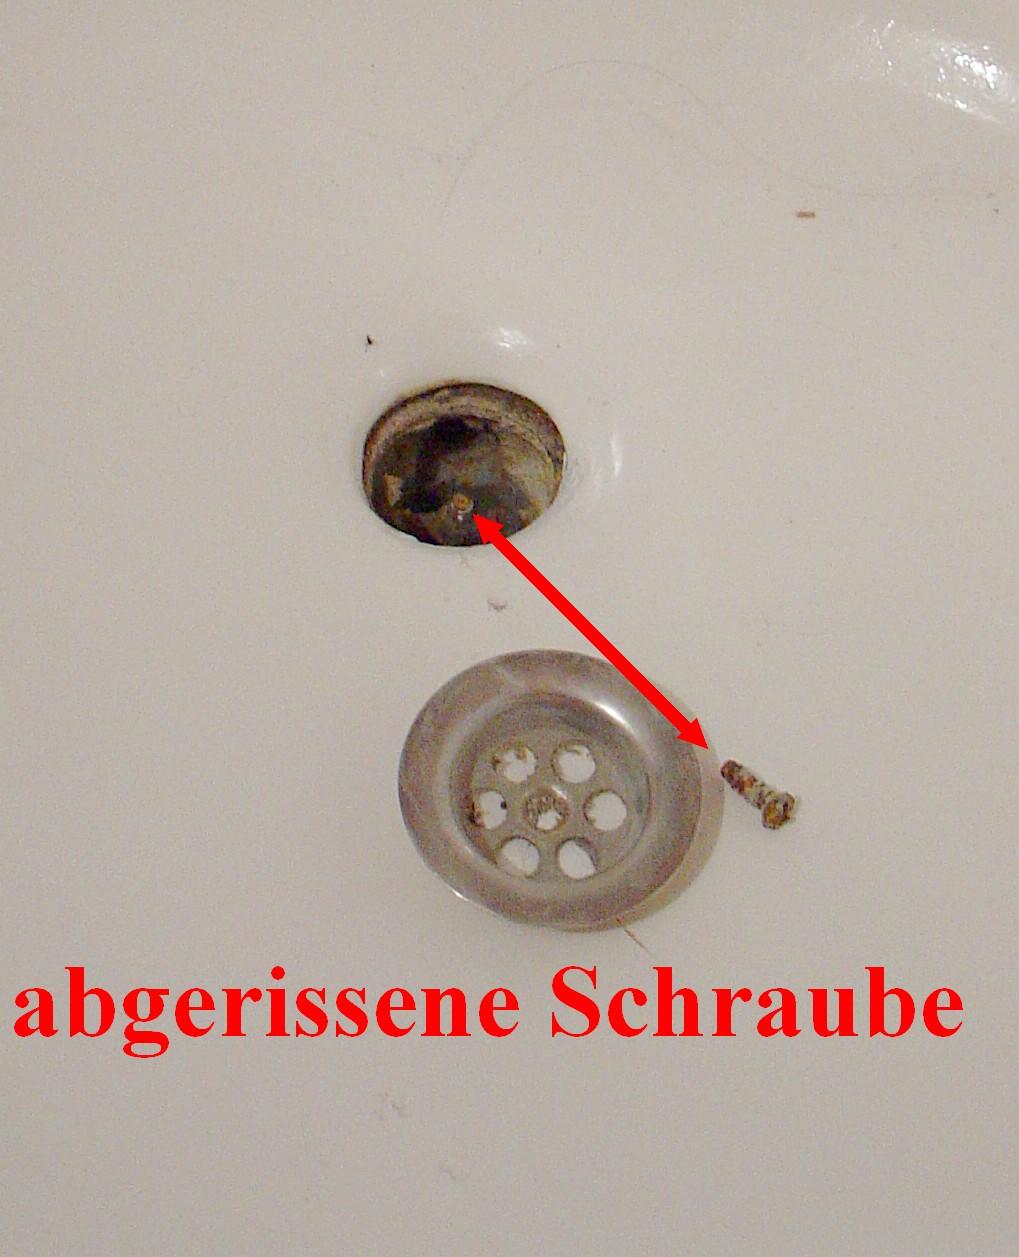 Favorit Schraube Badewannensieb abgerissen - und nun ? - HaustechnikDialog RP52